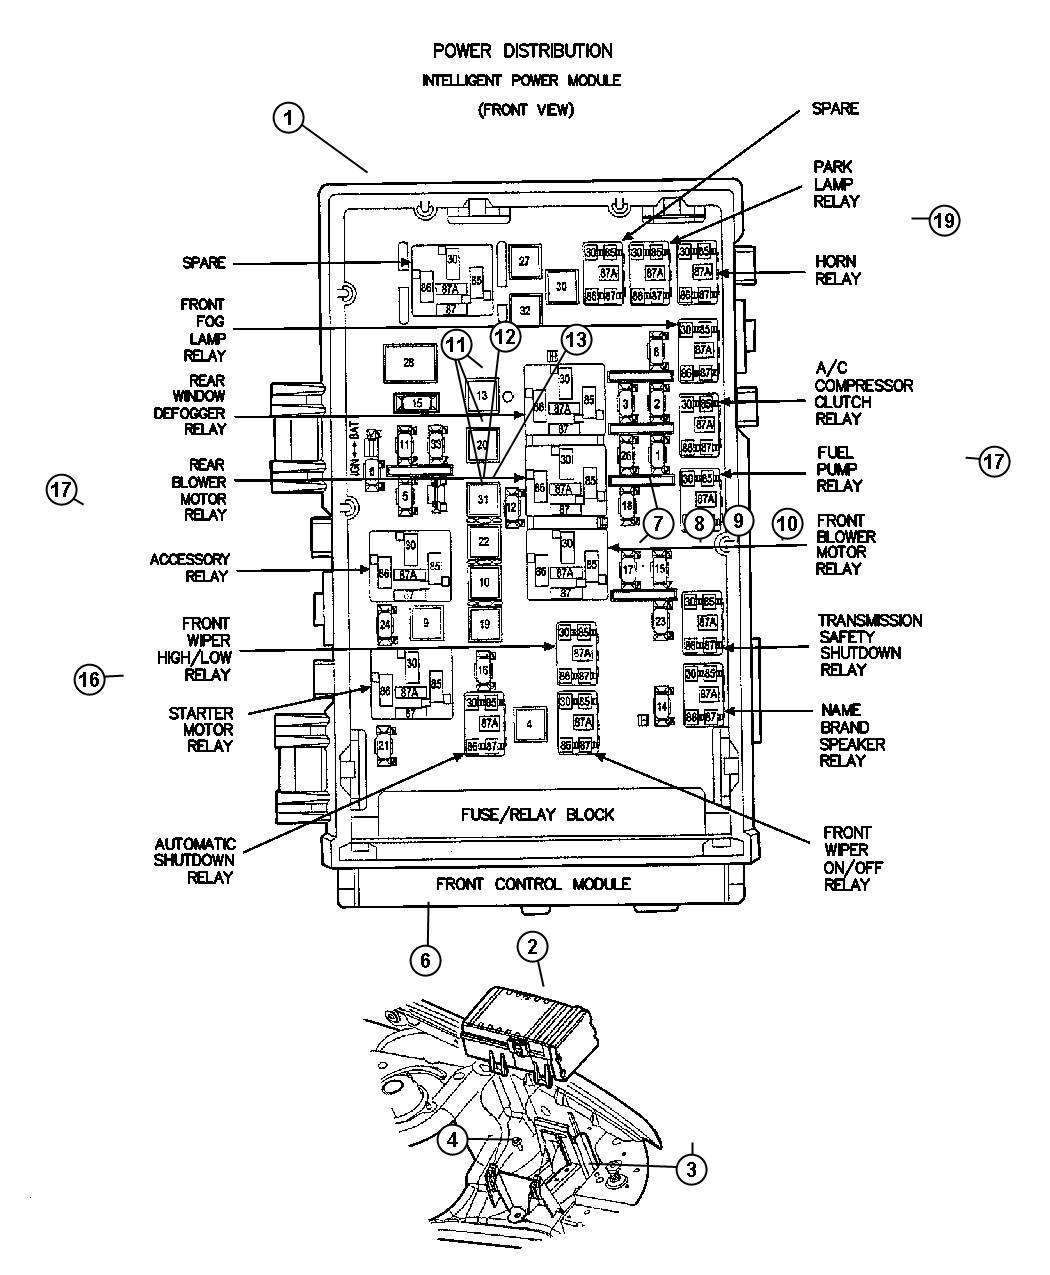 Chrysler Aspen Relay. Radiator fan. Located on bumper beam